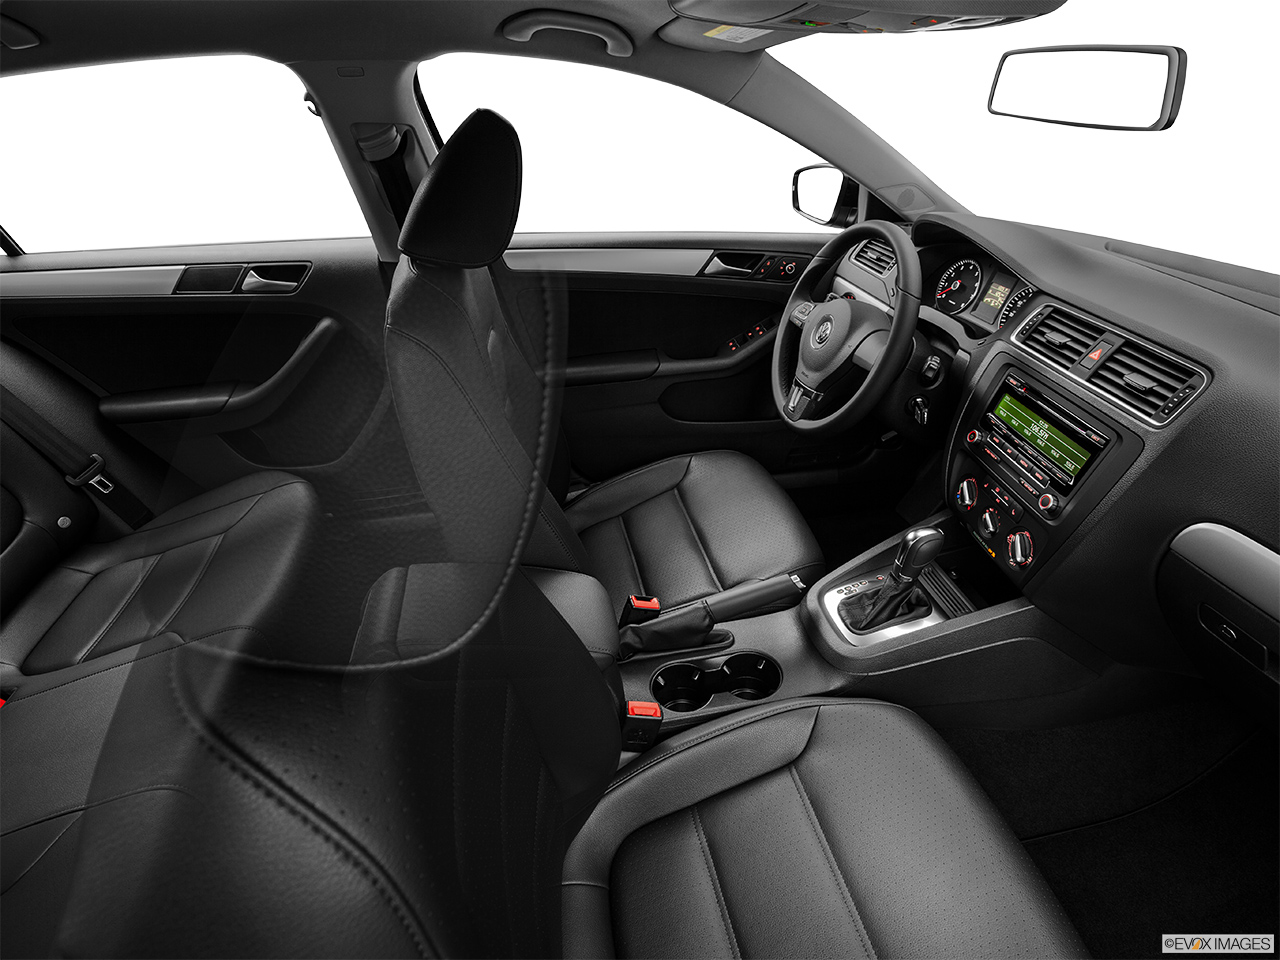 the tdi number review interior volkswagen jetta loneliest of